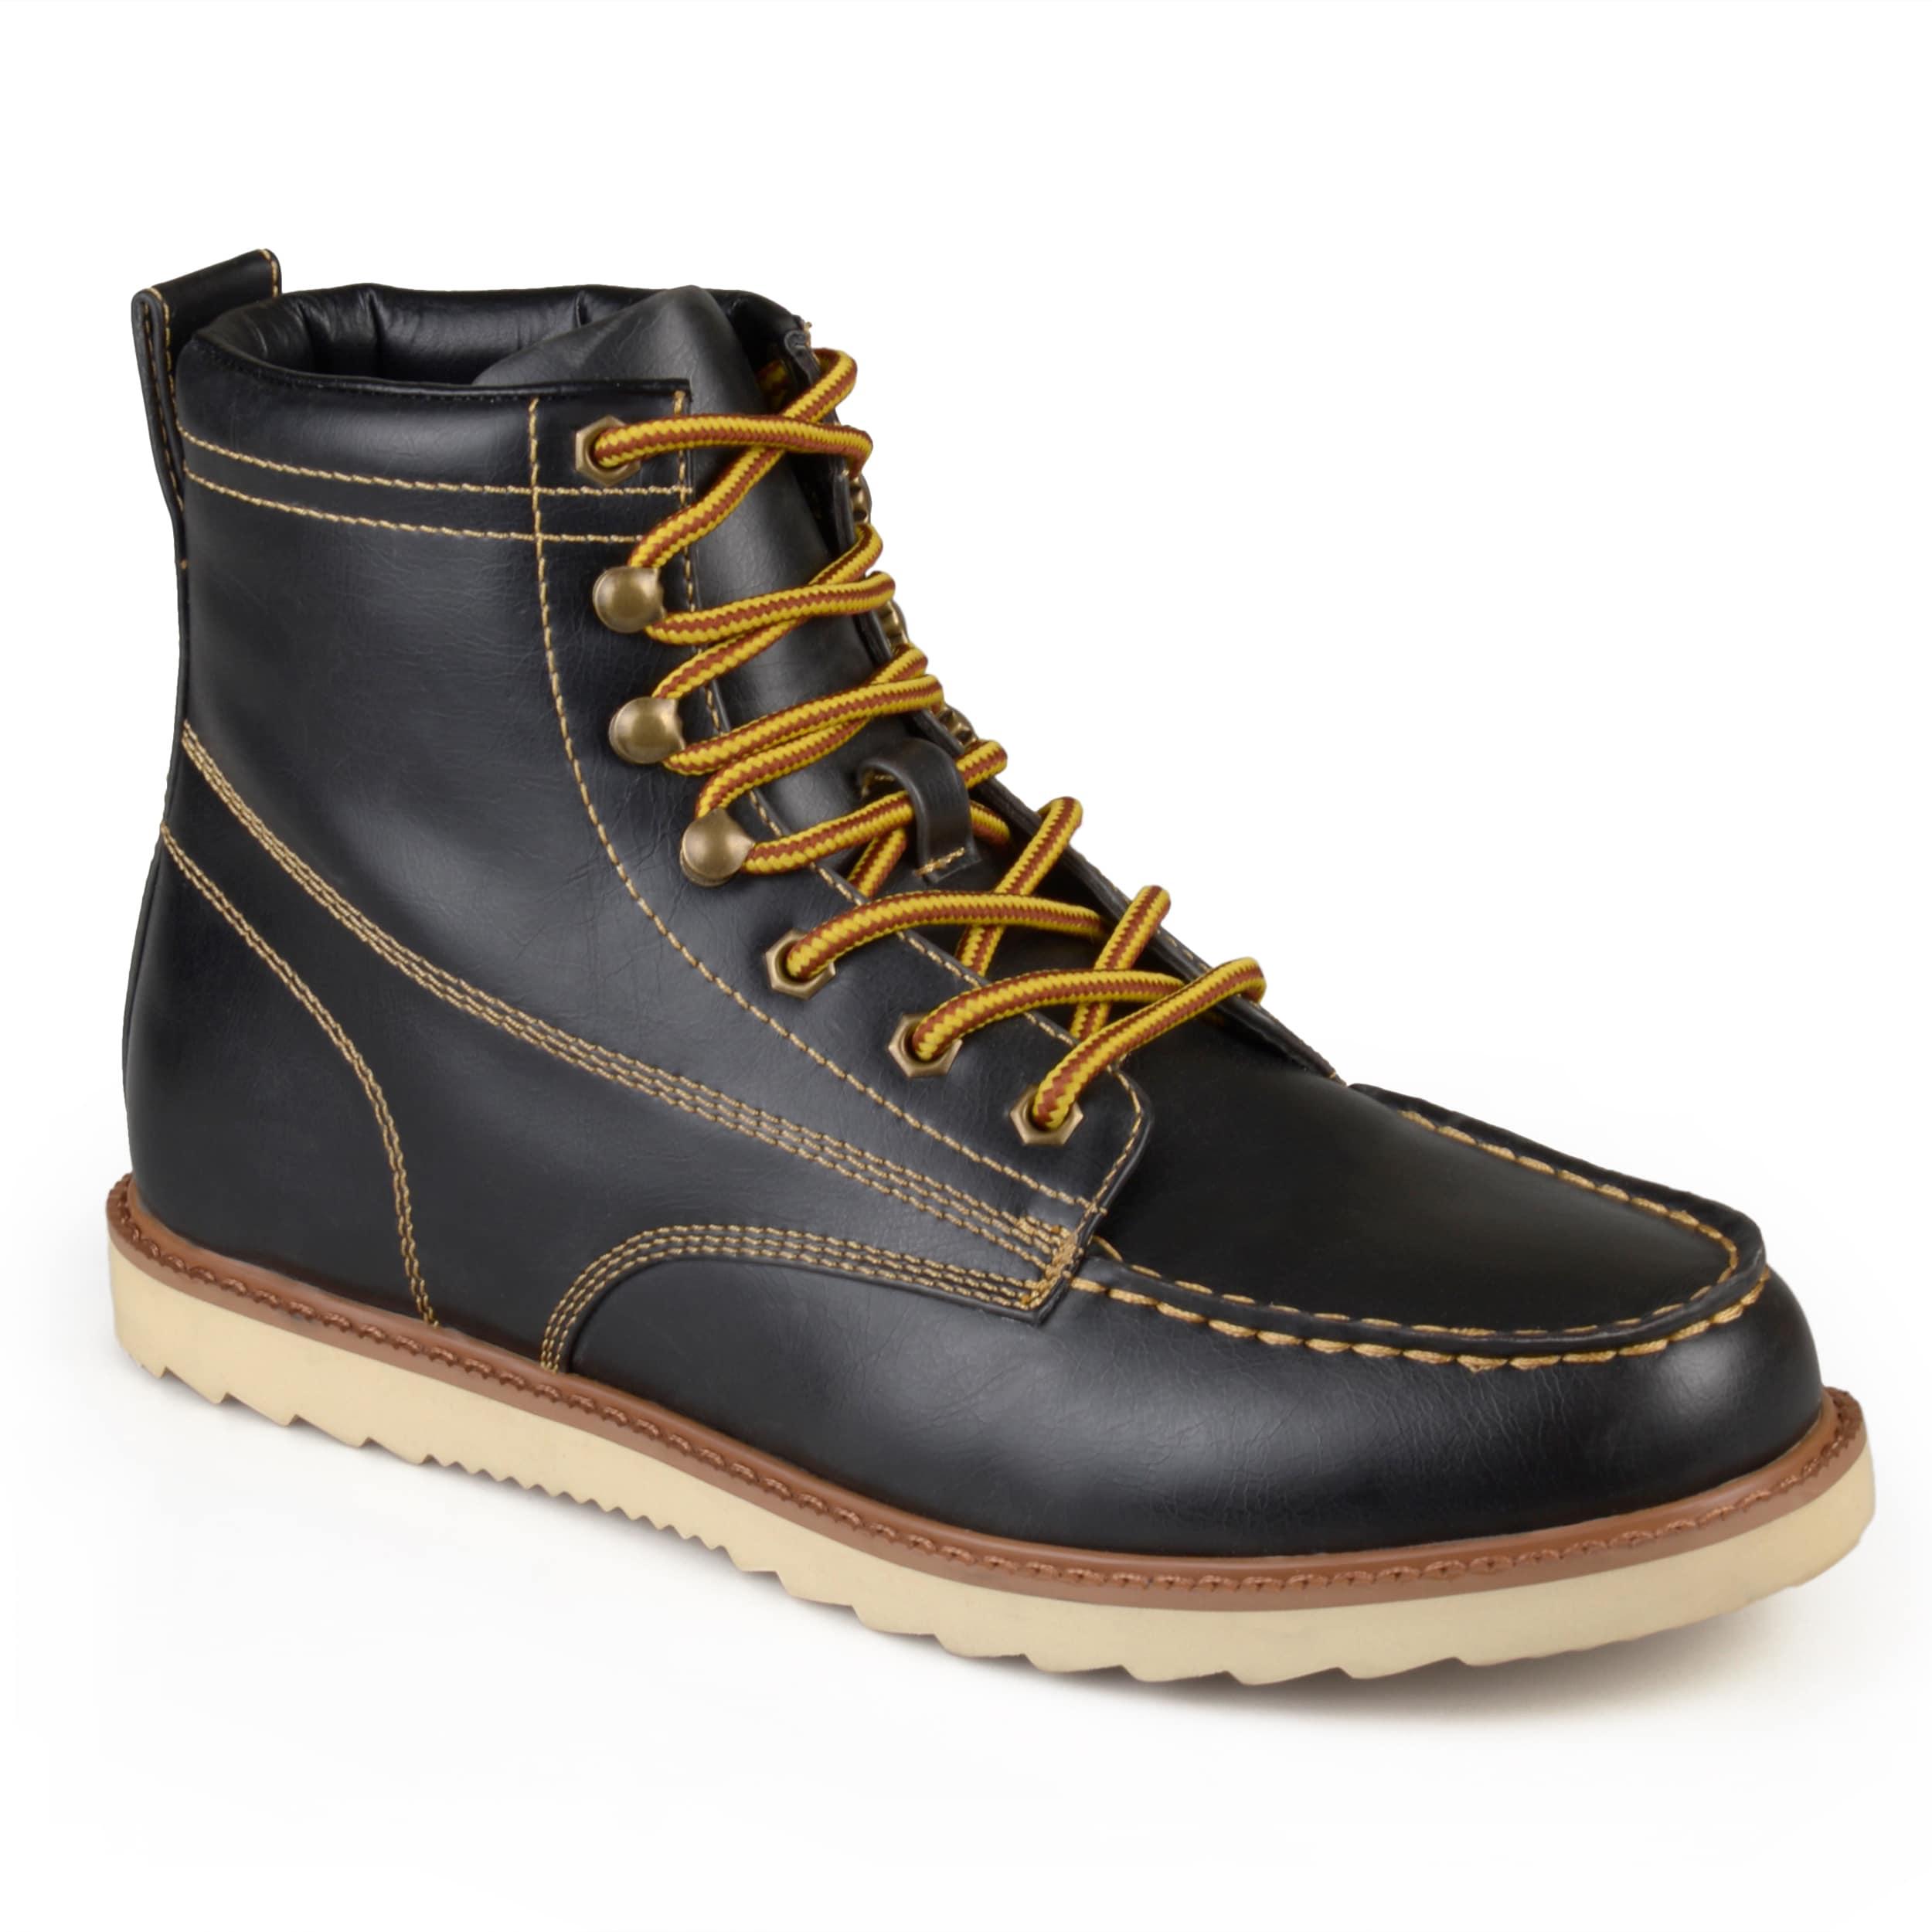 Vance Co. Men's 'Wyatt' Faux Leather